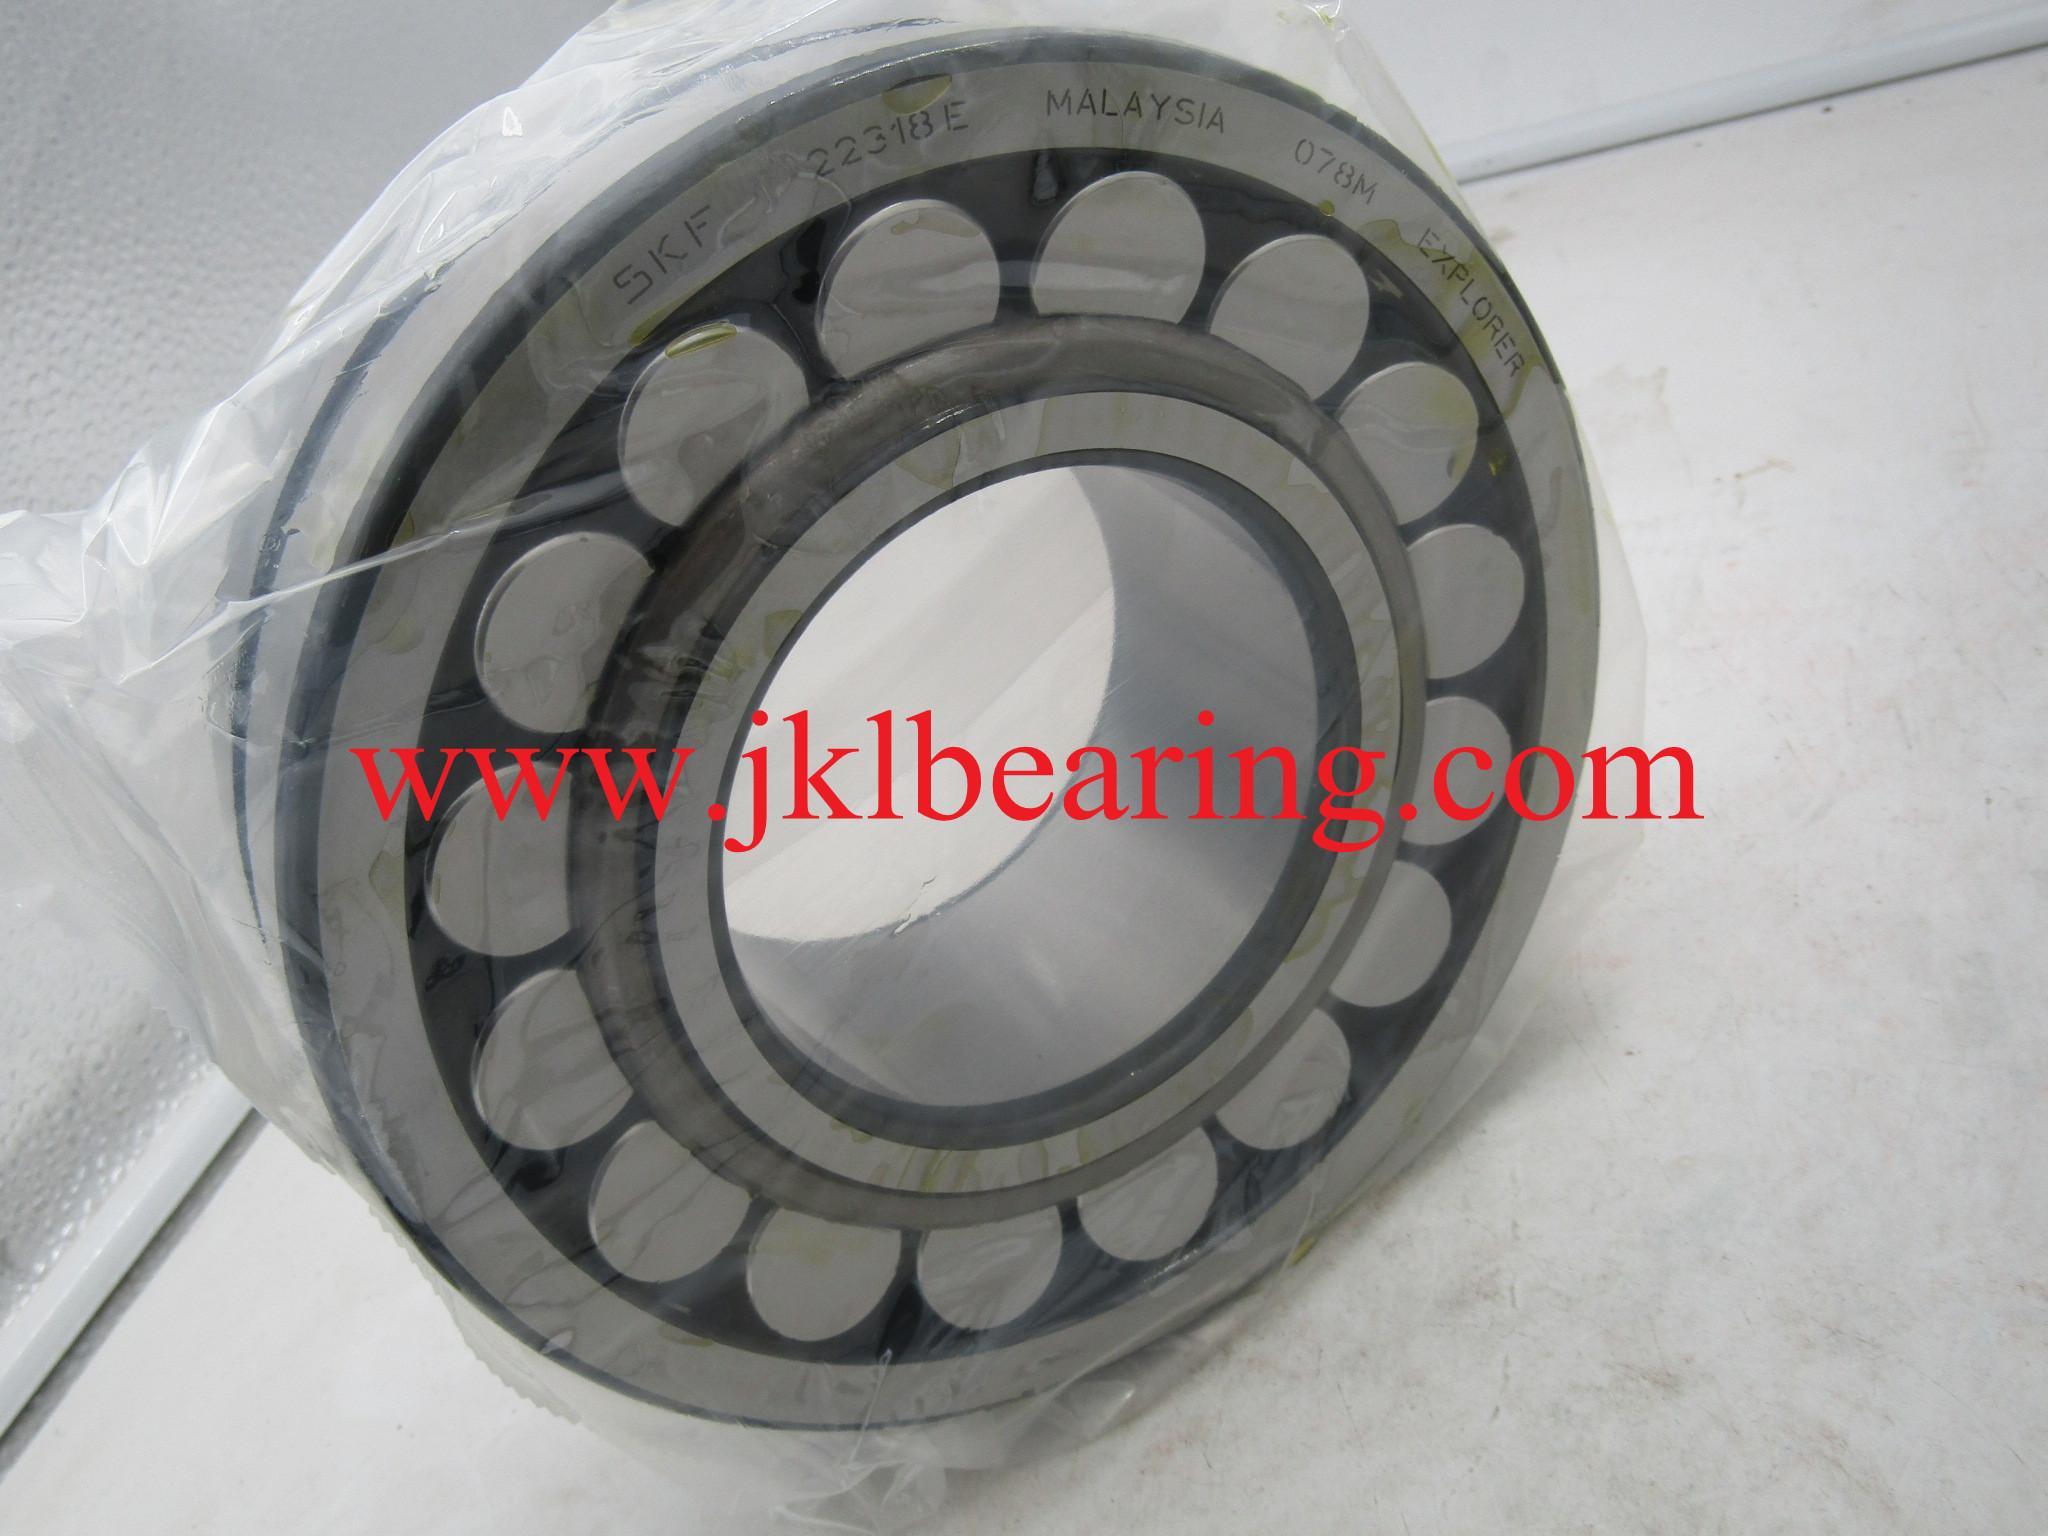 SKF   22318E   Spherical Roller Bearings